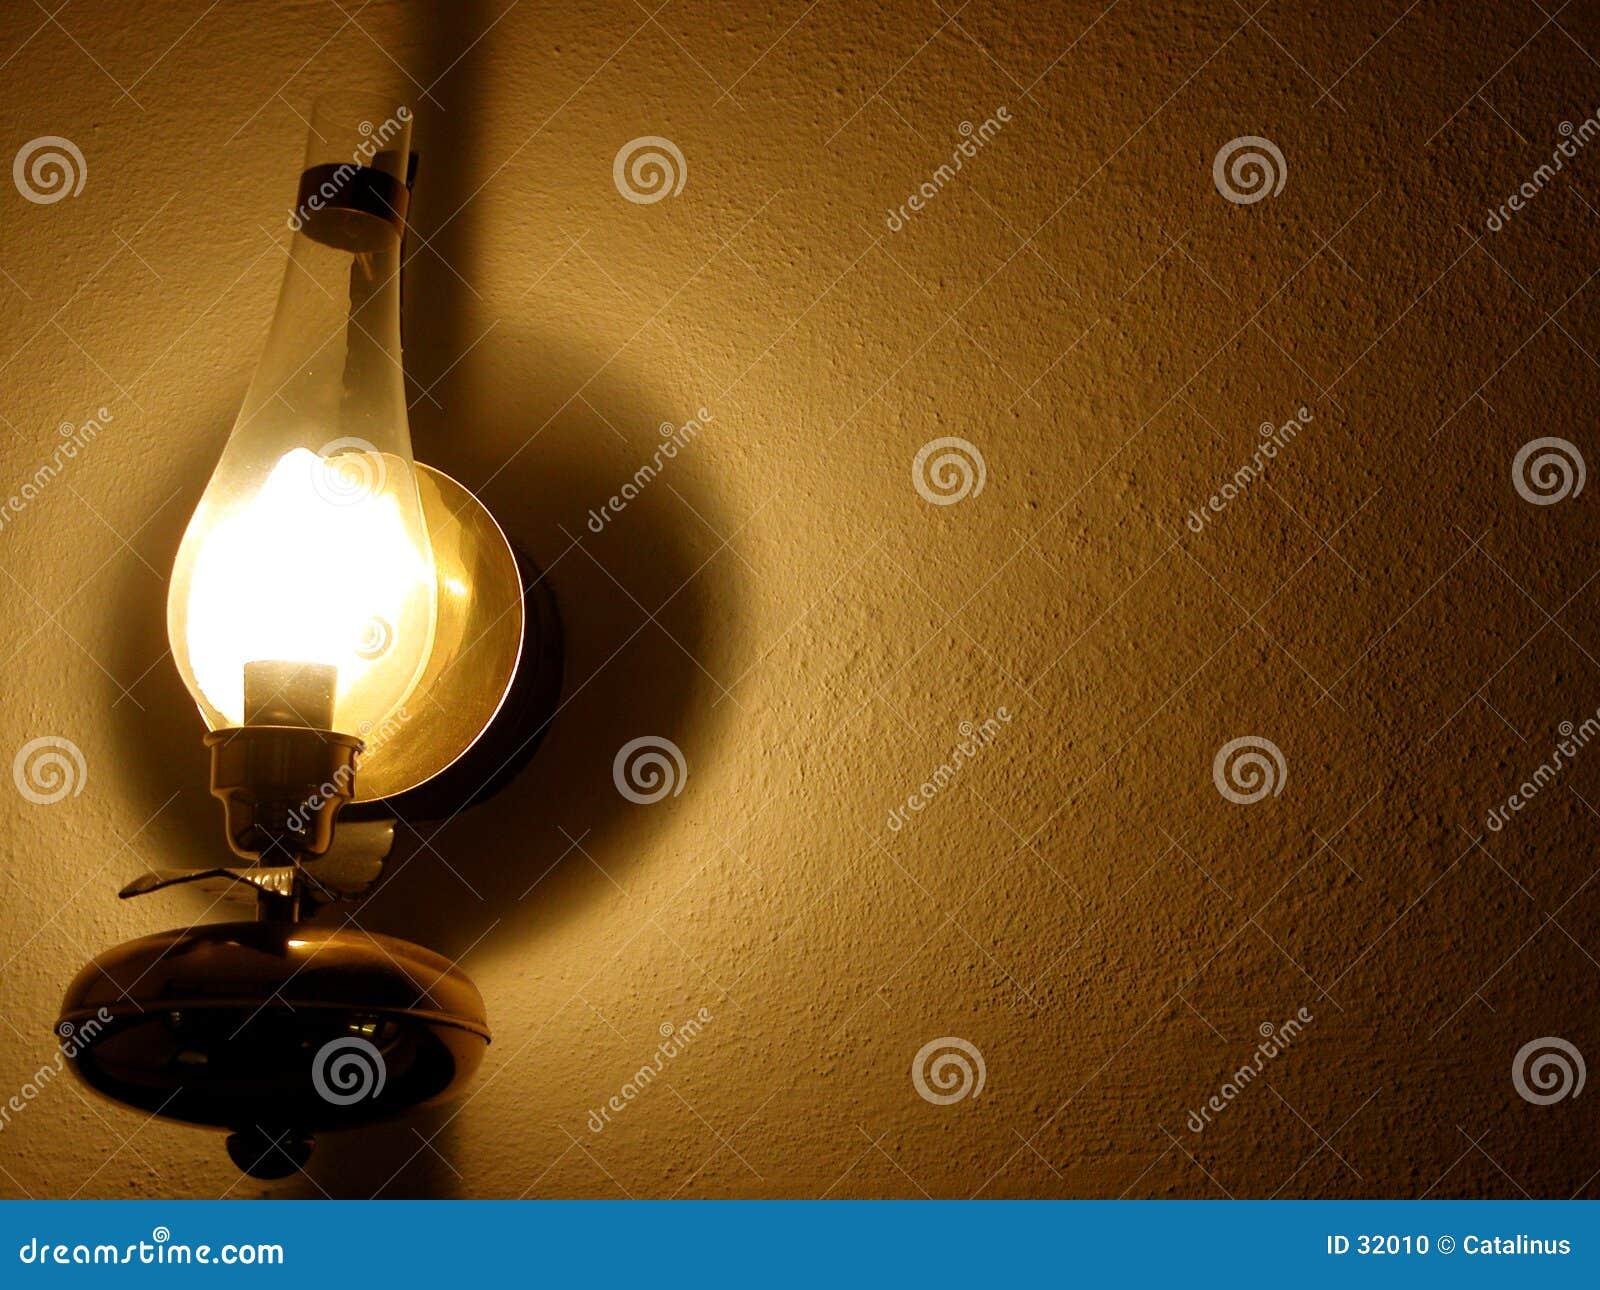 Download Lámpara en la pared foto de archivo. Imagen de estilo, brillante - 32010